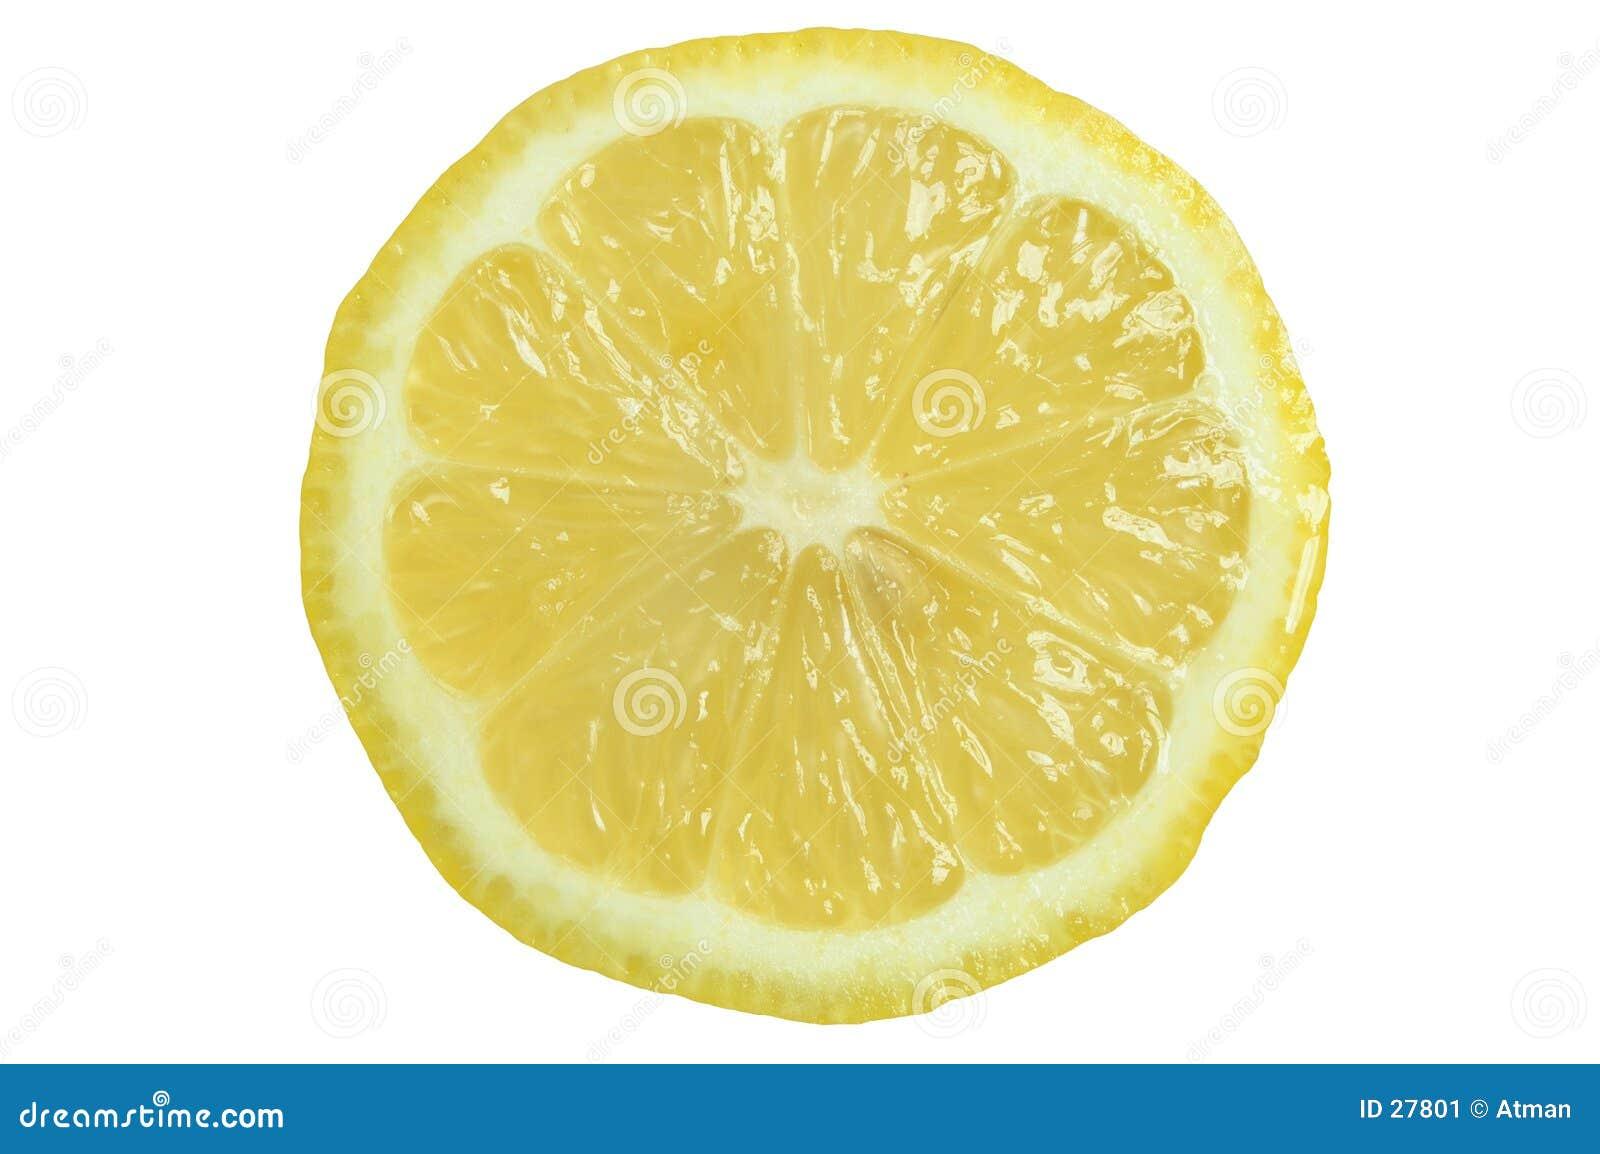 Download Zitrone stockbild. Bild von saftig, scheibe, getränk, vitamine - 27801